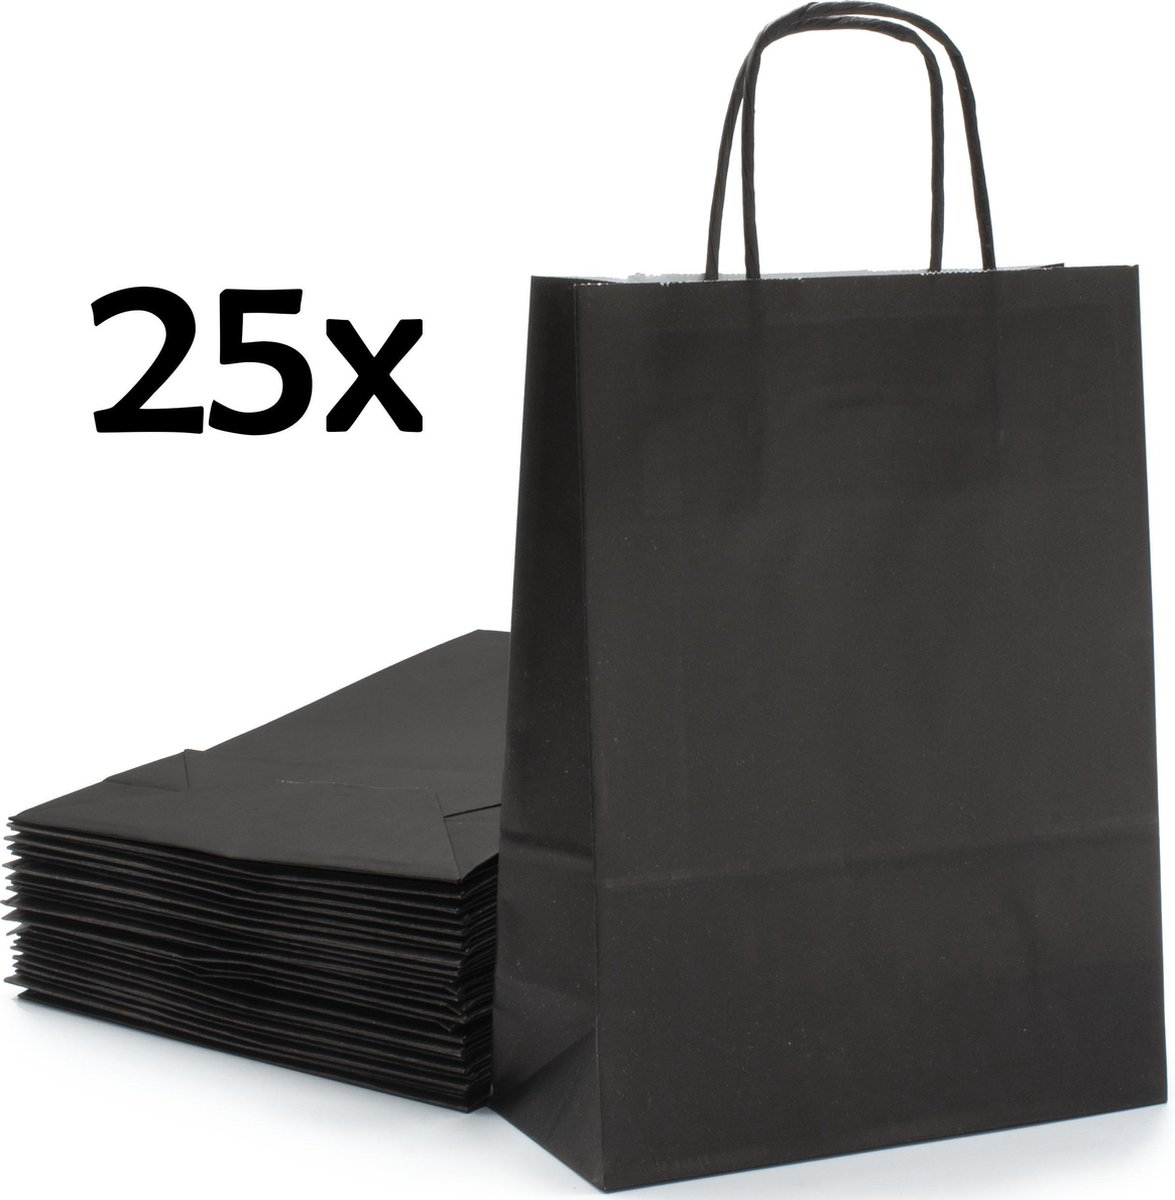 PrimeAmbition Kraft Papieren Tasjes Met Handvat   25 Stuks   Zwart   18 x 8 x 24 cm   Papieren Zakje